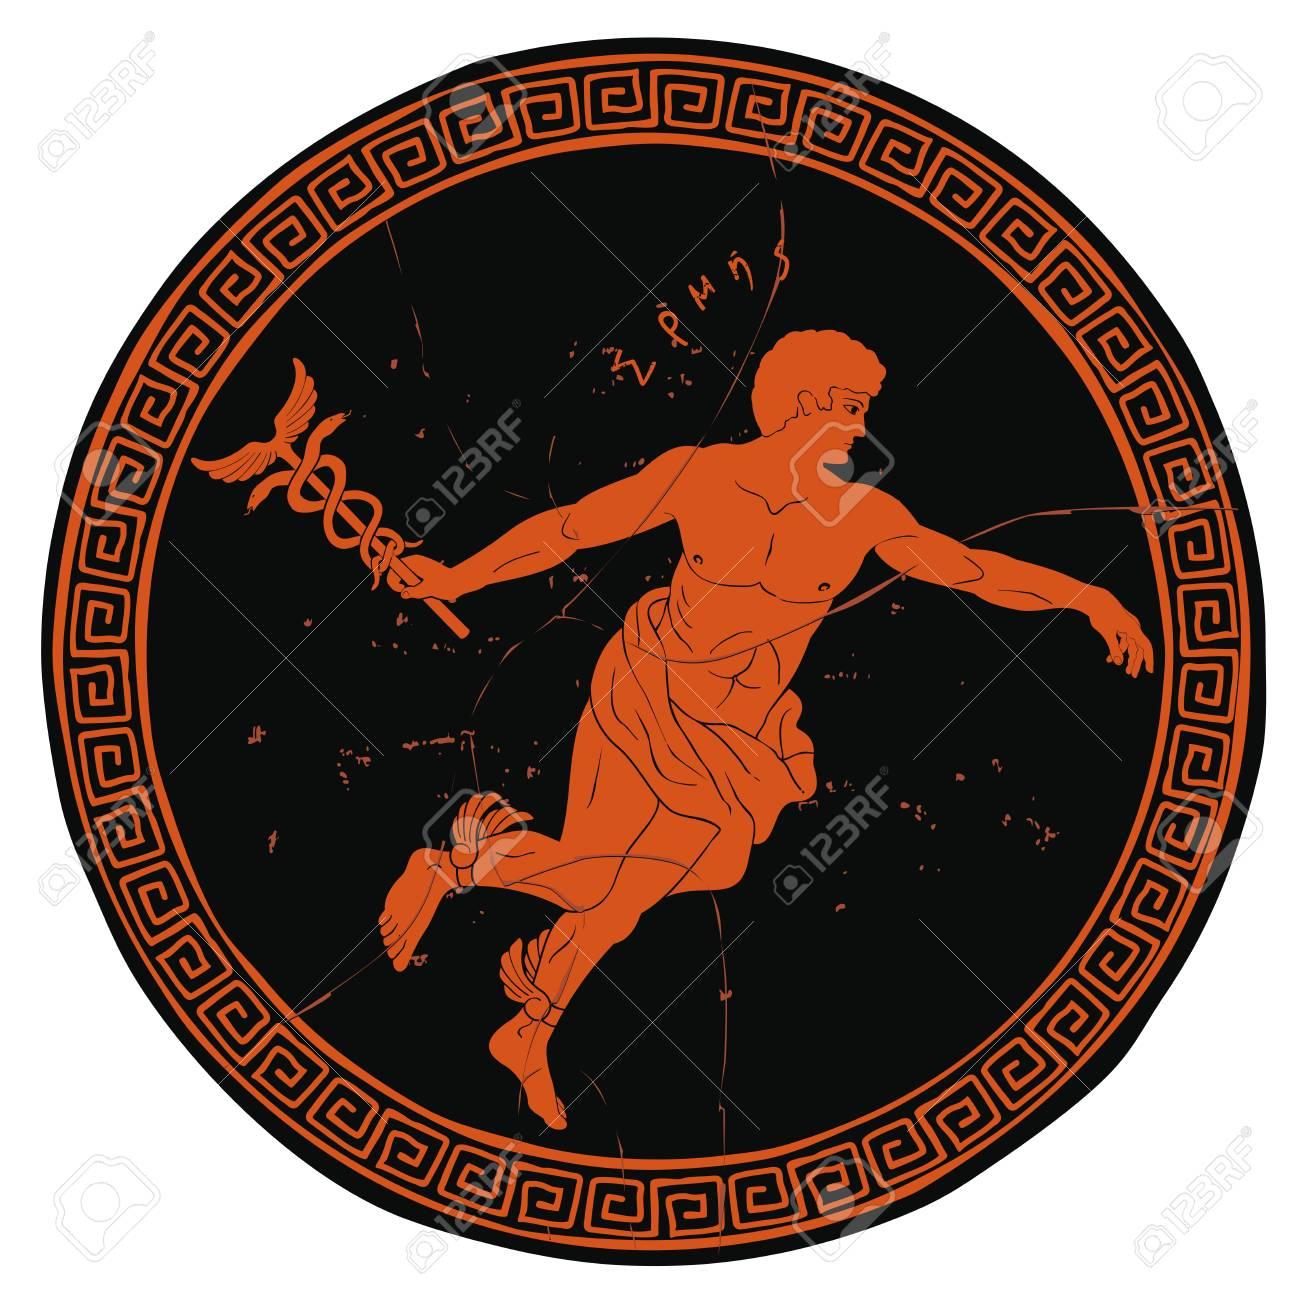 Ancient Greek god Hermes. - 110832749